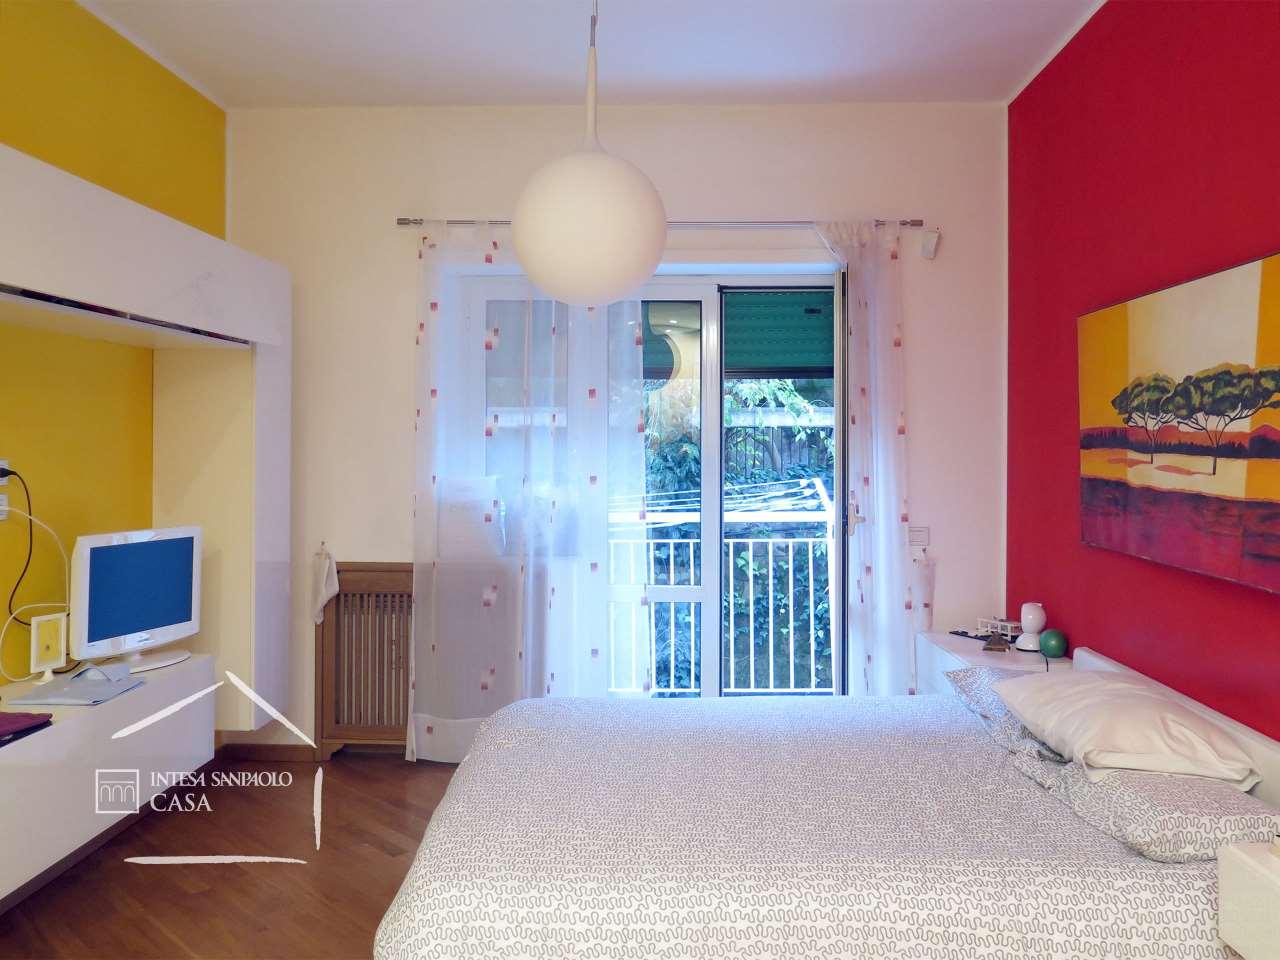 Appartamento in Vendita a Napoli: 4 locali, 121 mq - Foto 9